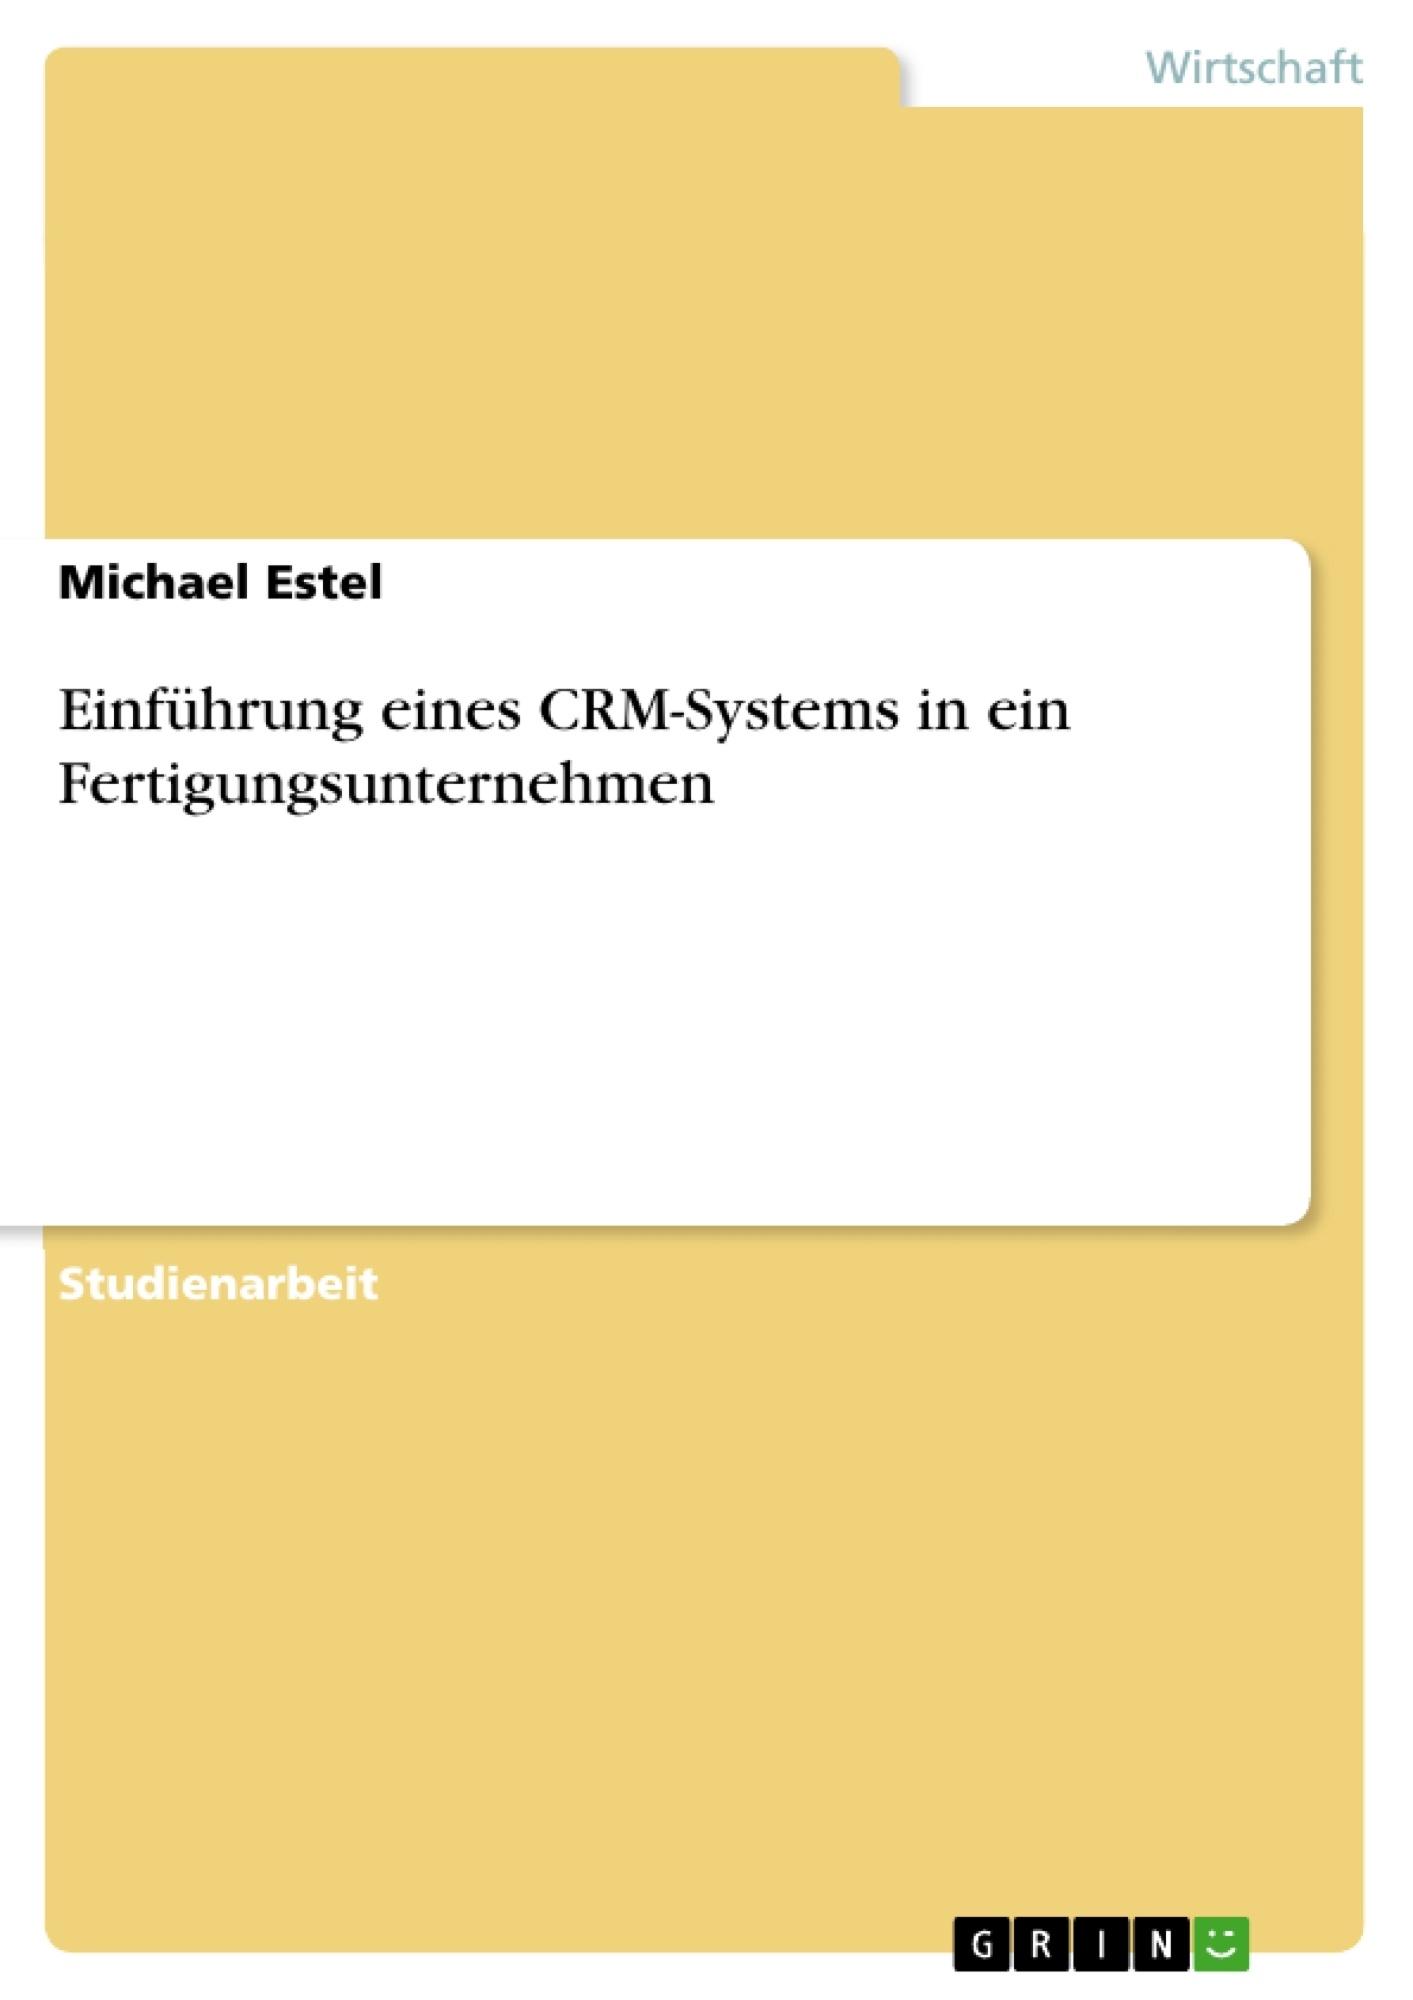 Titel: Einführung eines CRM-Systems in ein Fertigungsunternehmen